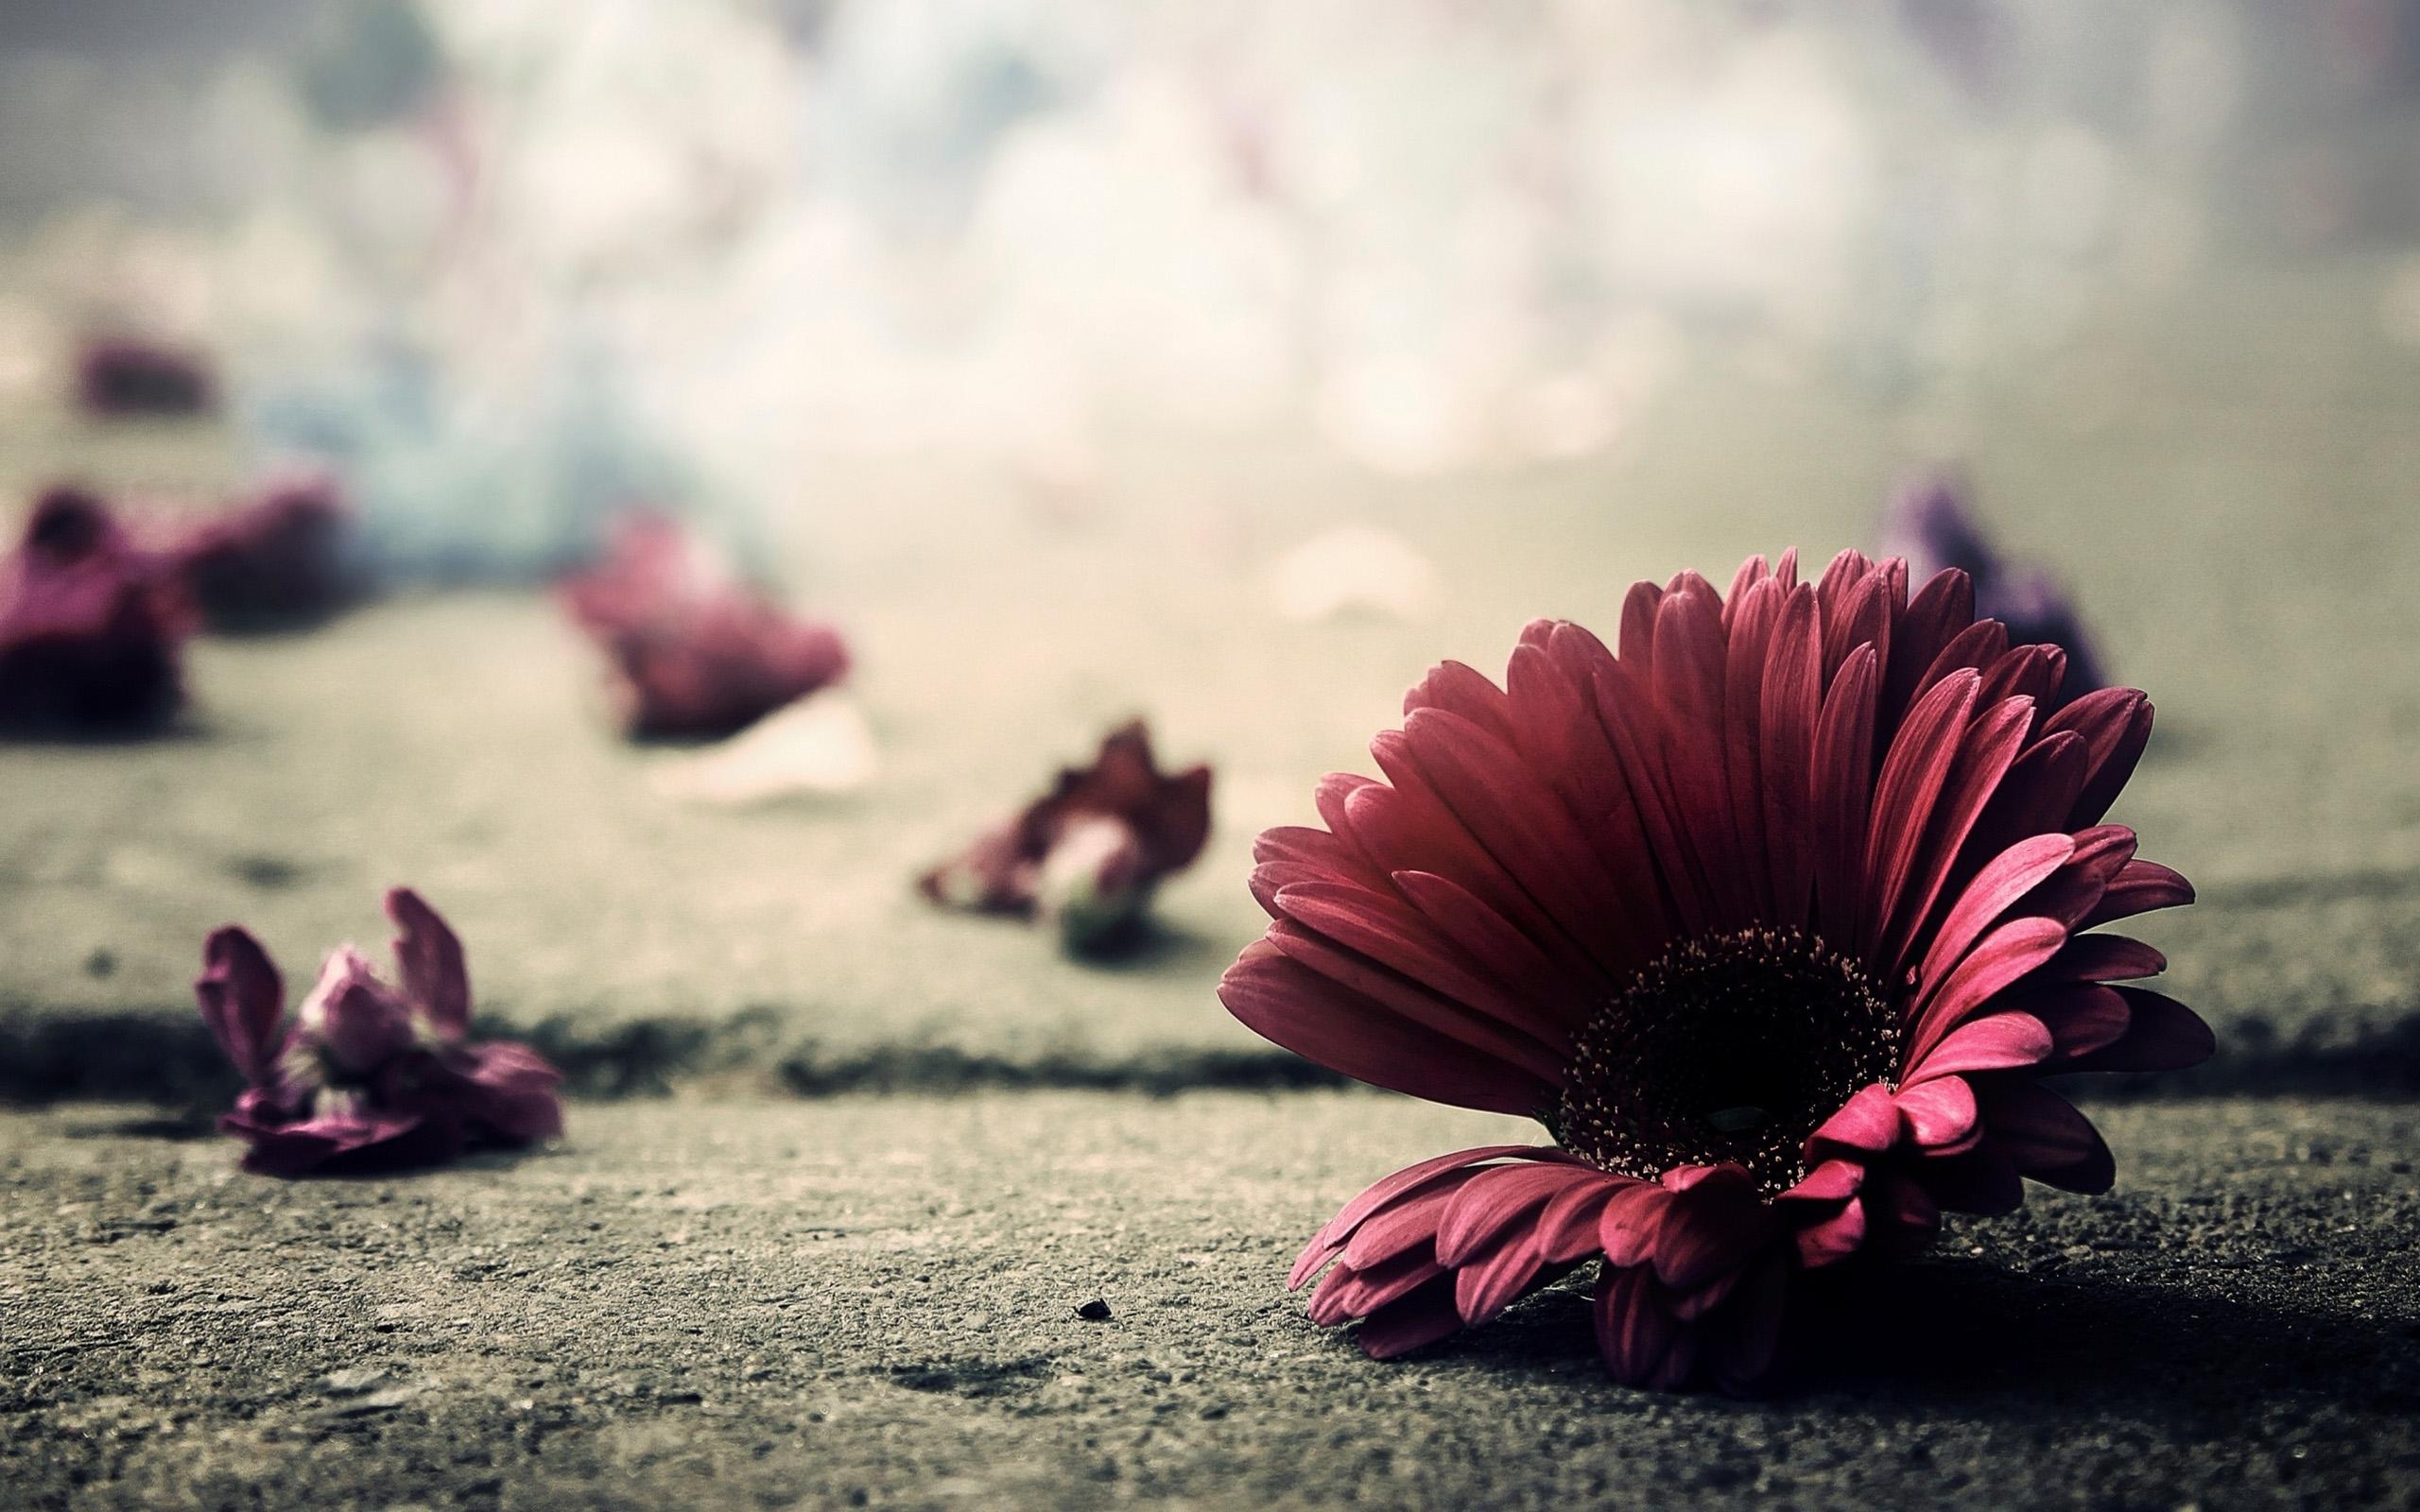 petals wallpaper